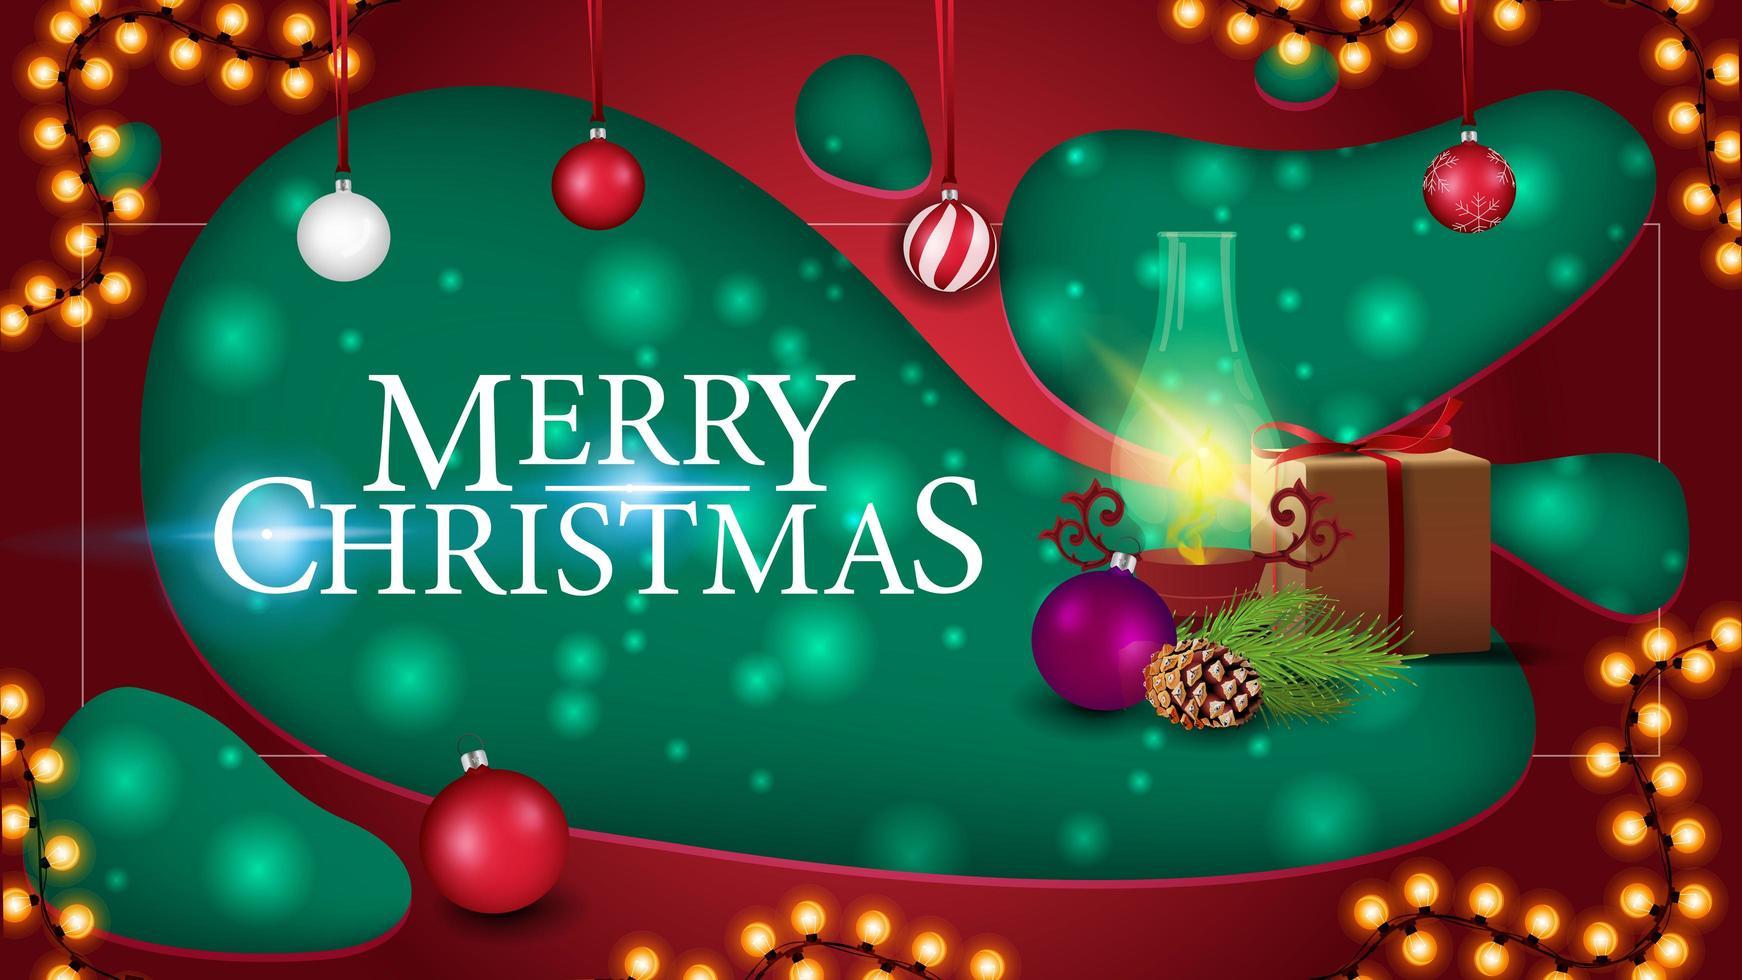 joyeux noël, carte postale en papier découpé style avec cadeau, lampe ancienne, branche d'arbre de noël, cône, boule de noël vecteur